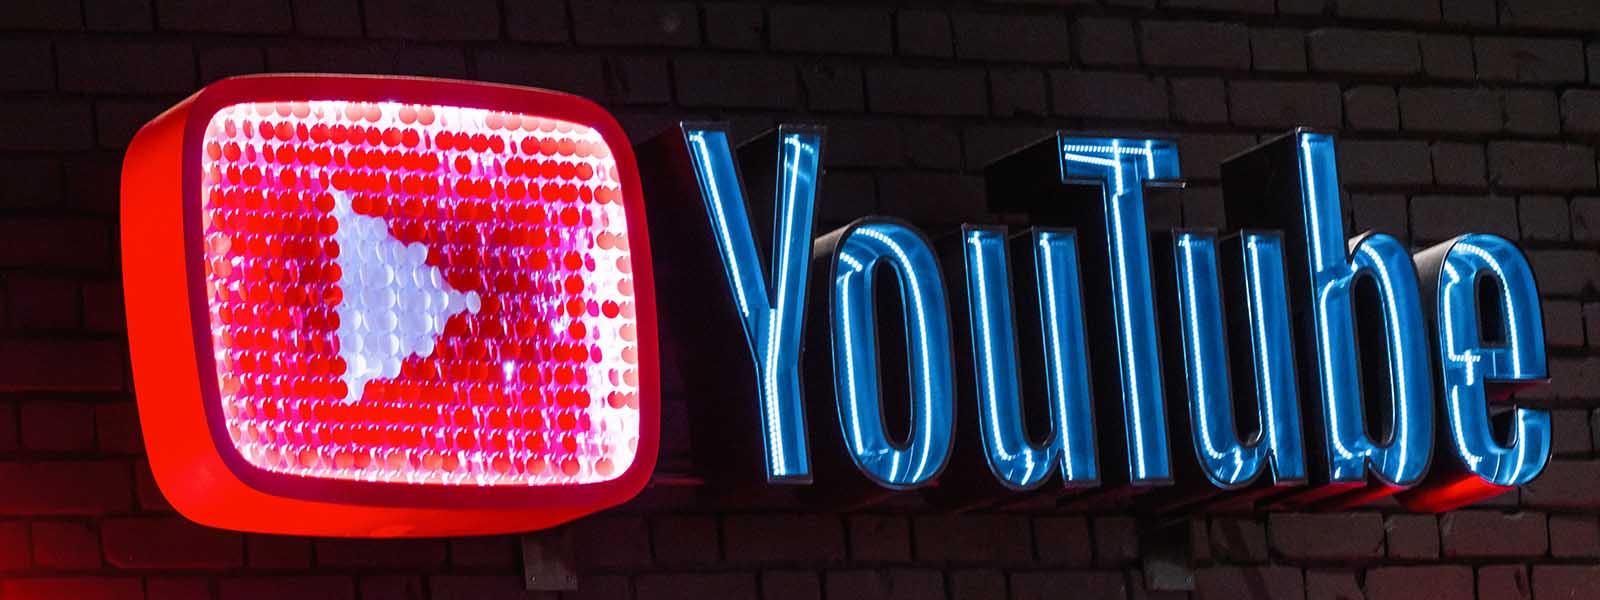 クリエイター必読! 2020年、YouTubeチャンネルでやるべきこと10選